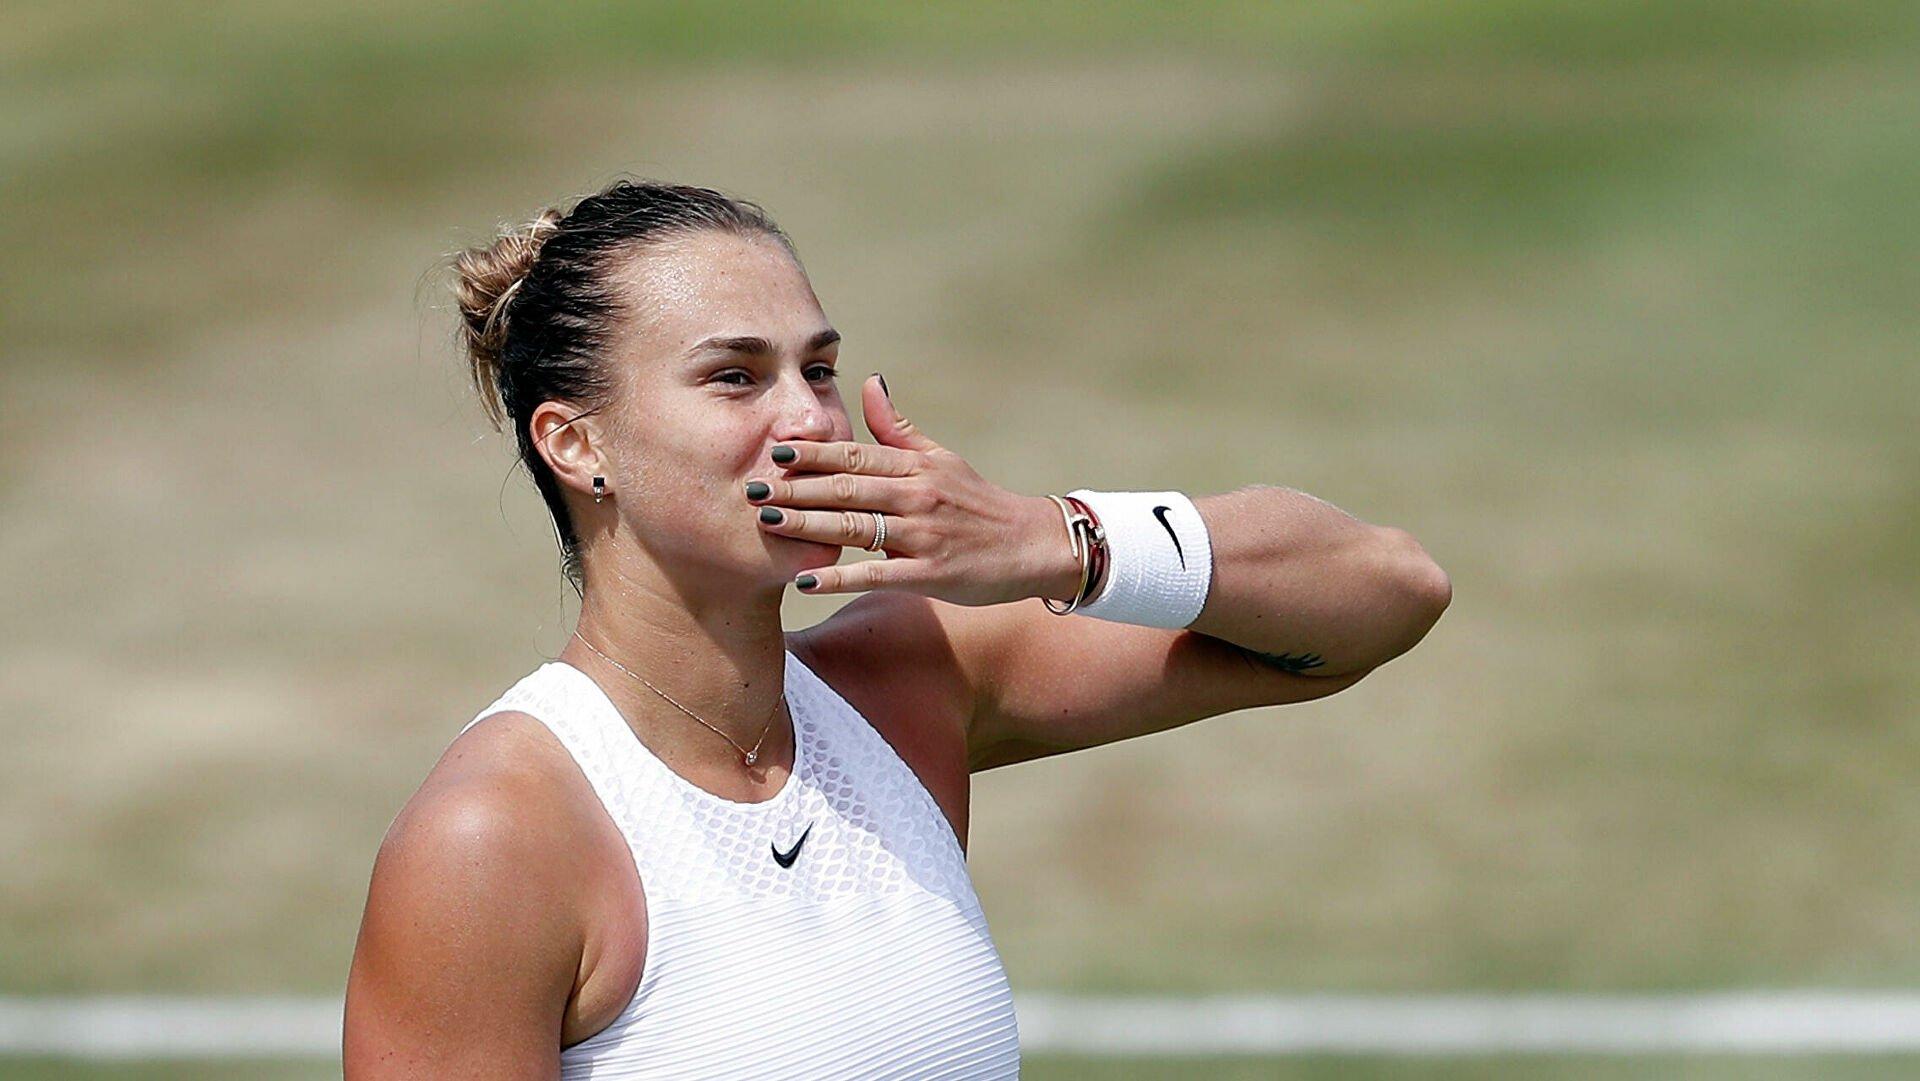 Онс Жабер - Арина Соболенко. Прогноз и ставки на теннис. 6 июля 2021 года